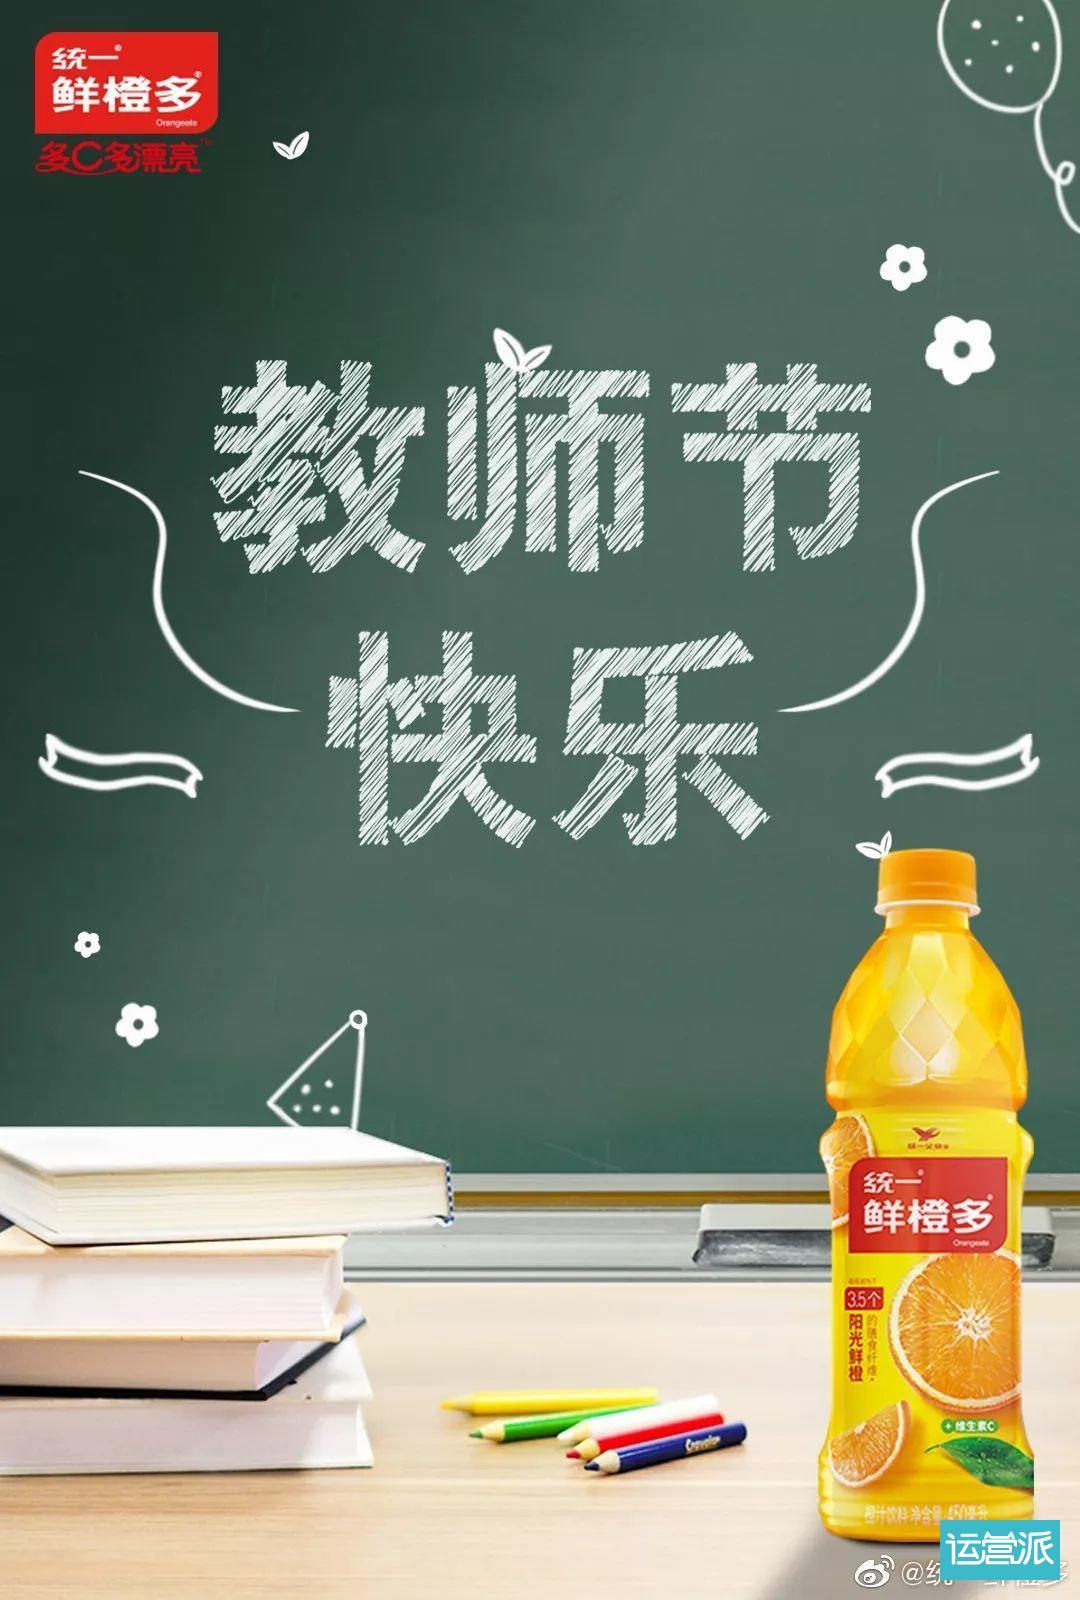 教师节借势海报,这届品牌很优秀